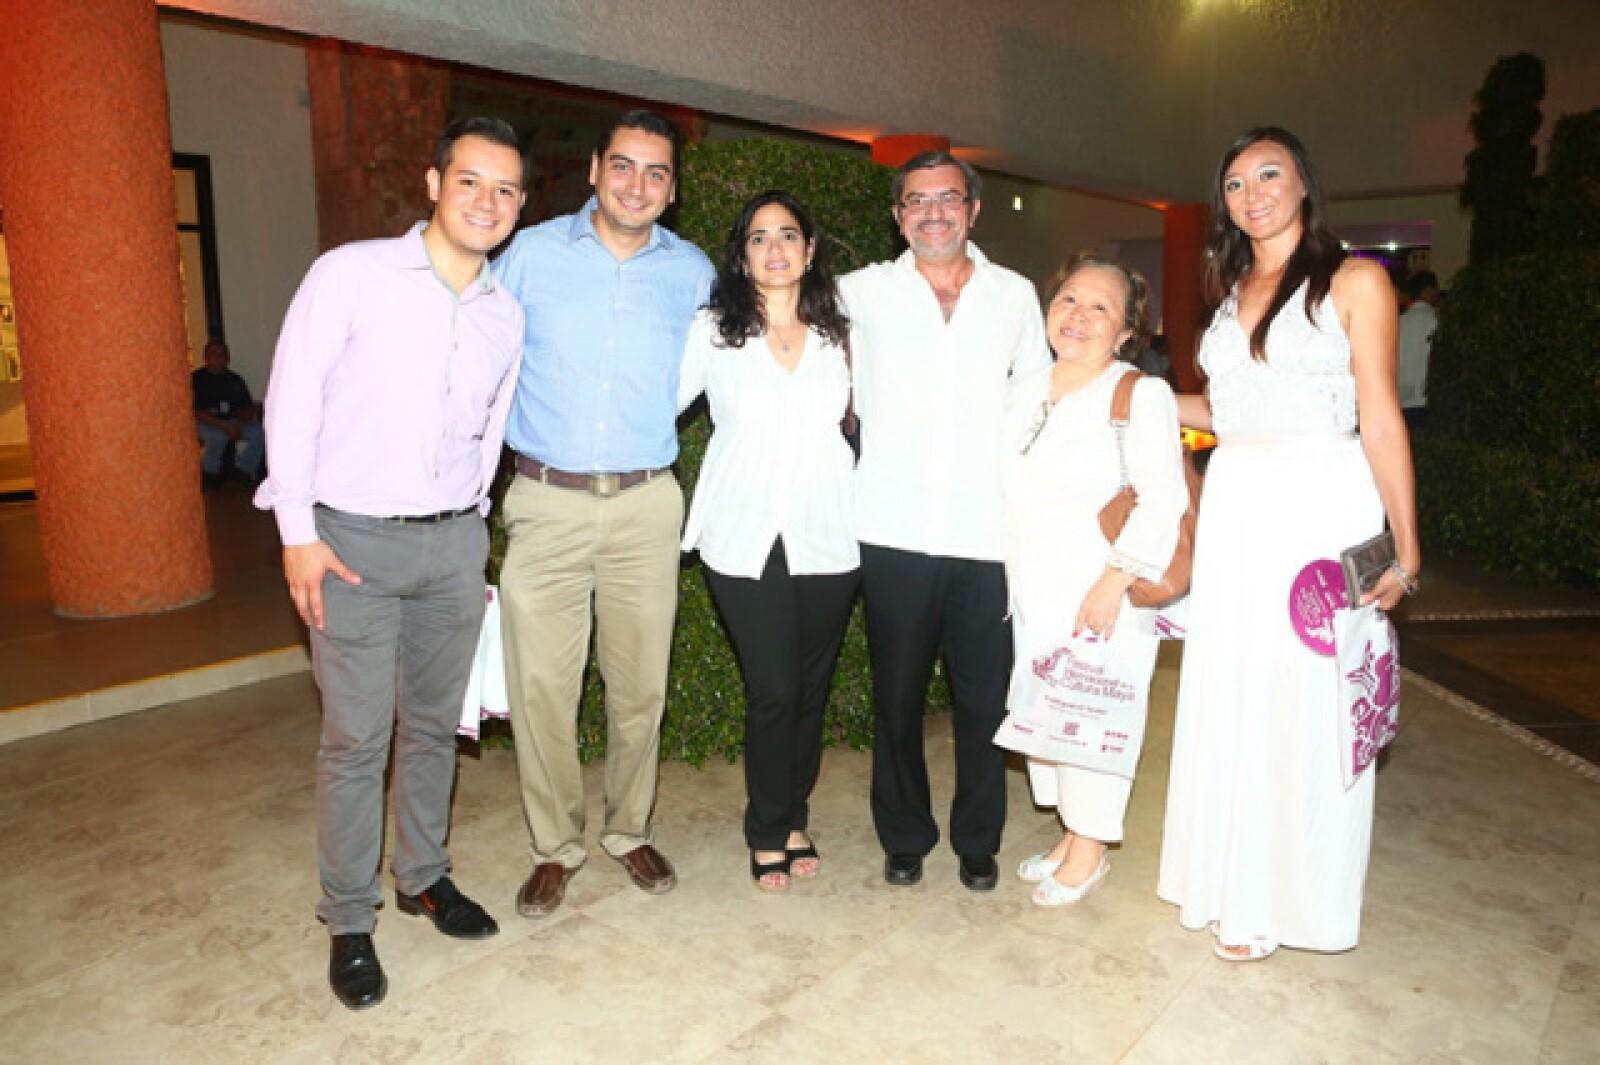 Alejandro Hernández, Harold Sanders, Ofelia Solís Mier y Teran, Javier Francisco Castillo, Jenny Chans Song y María Eugenia Olsem